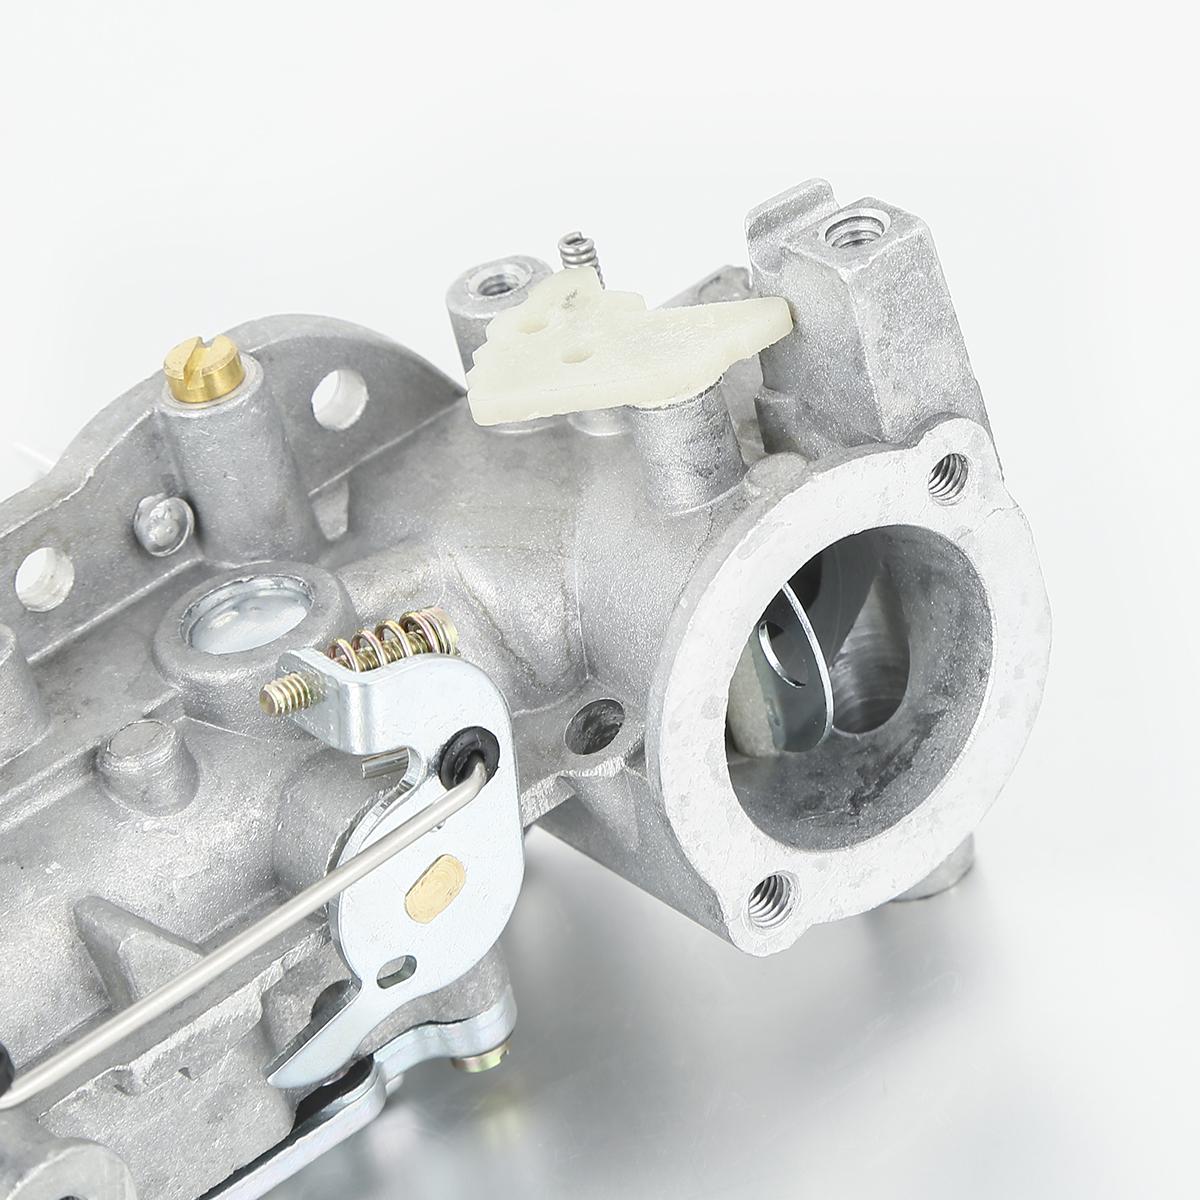 Fits Briggs Stratton 498298 Carburetor 692784 495951: Carburetor